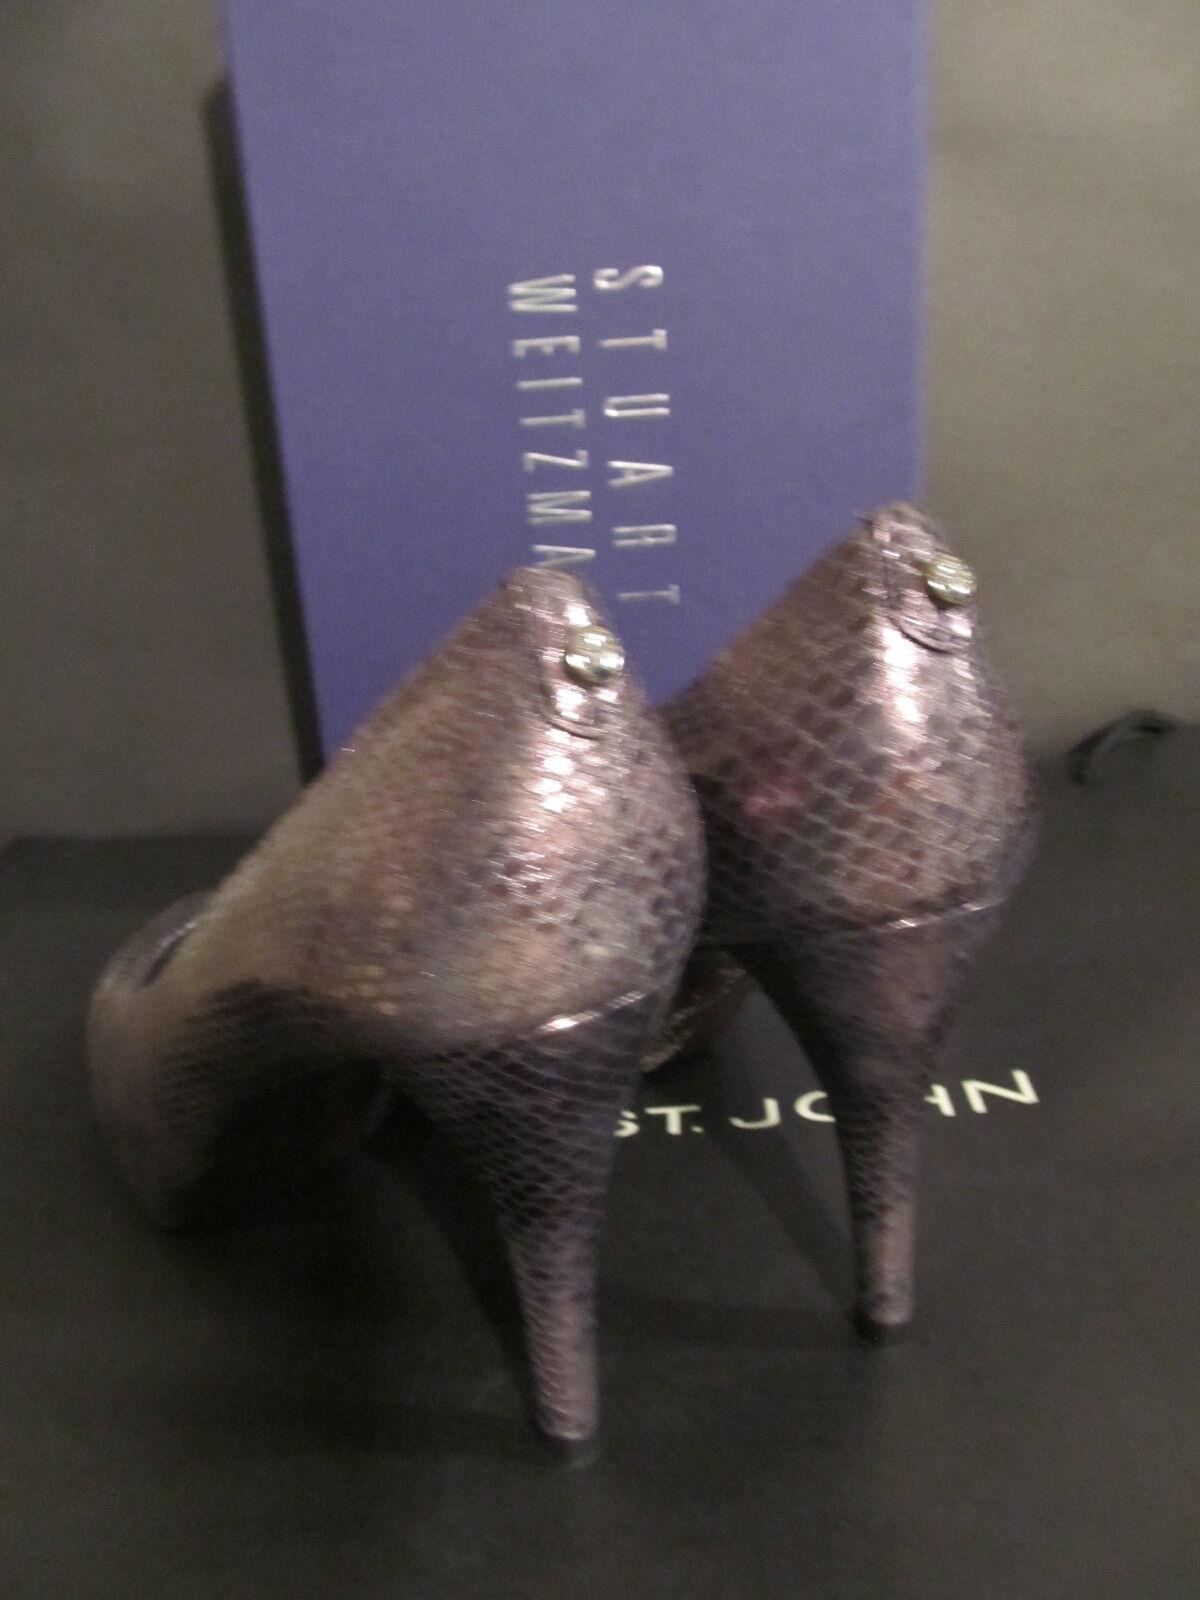 NEW Schuhe STUART WEITZMAN Damenschuhe Schuhe NEW 8.5 BROWN ANIMAL PRINT HEEL 4